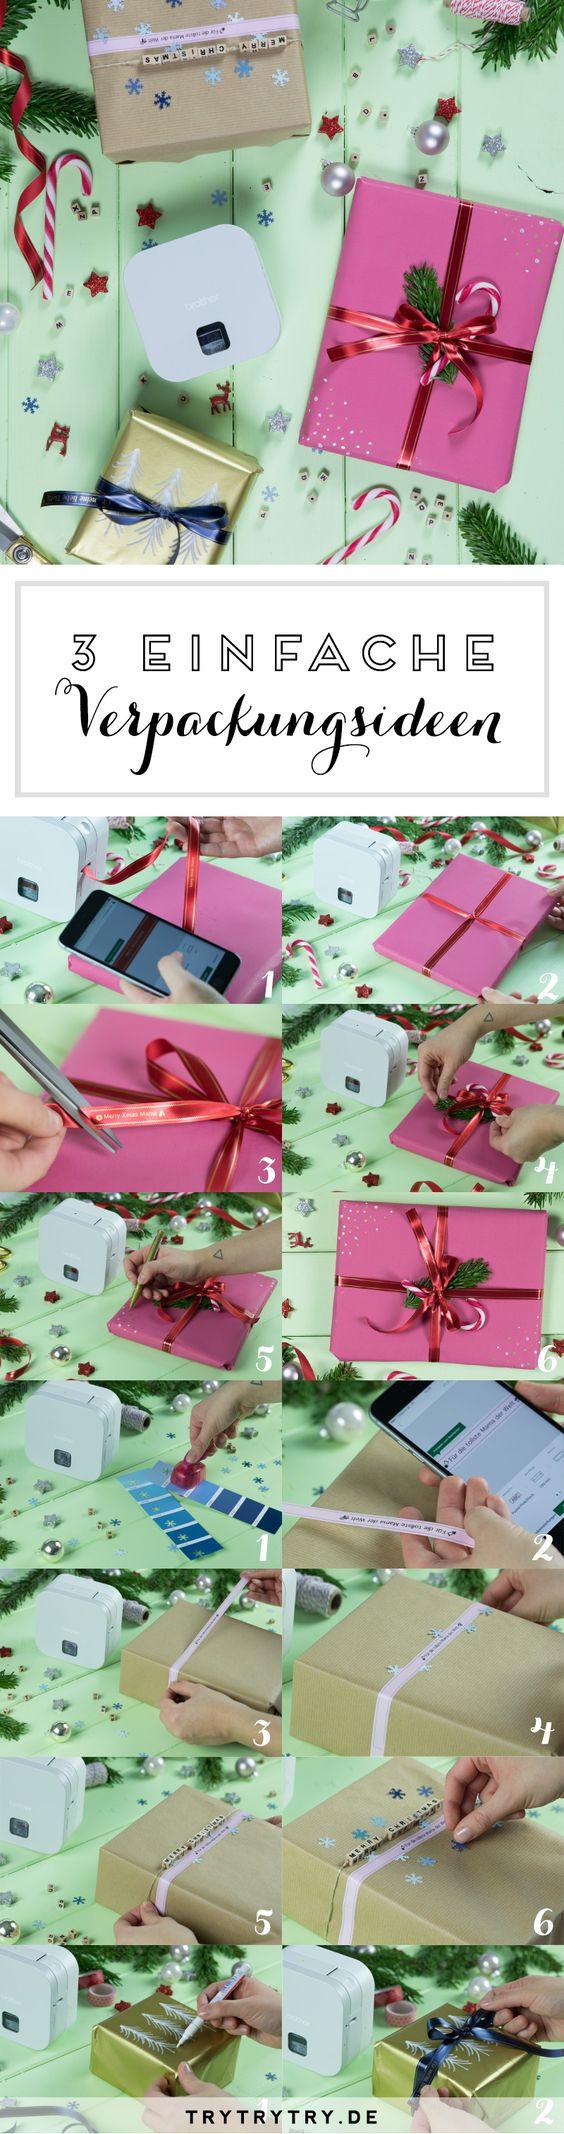 3 einfache Verpackungsideen für deine Weihnachtsgeschenke